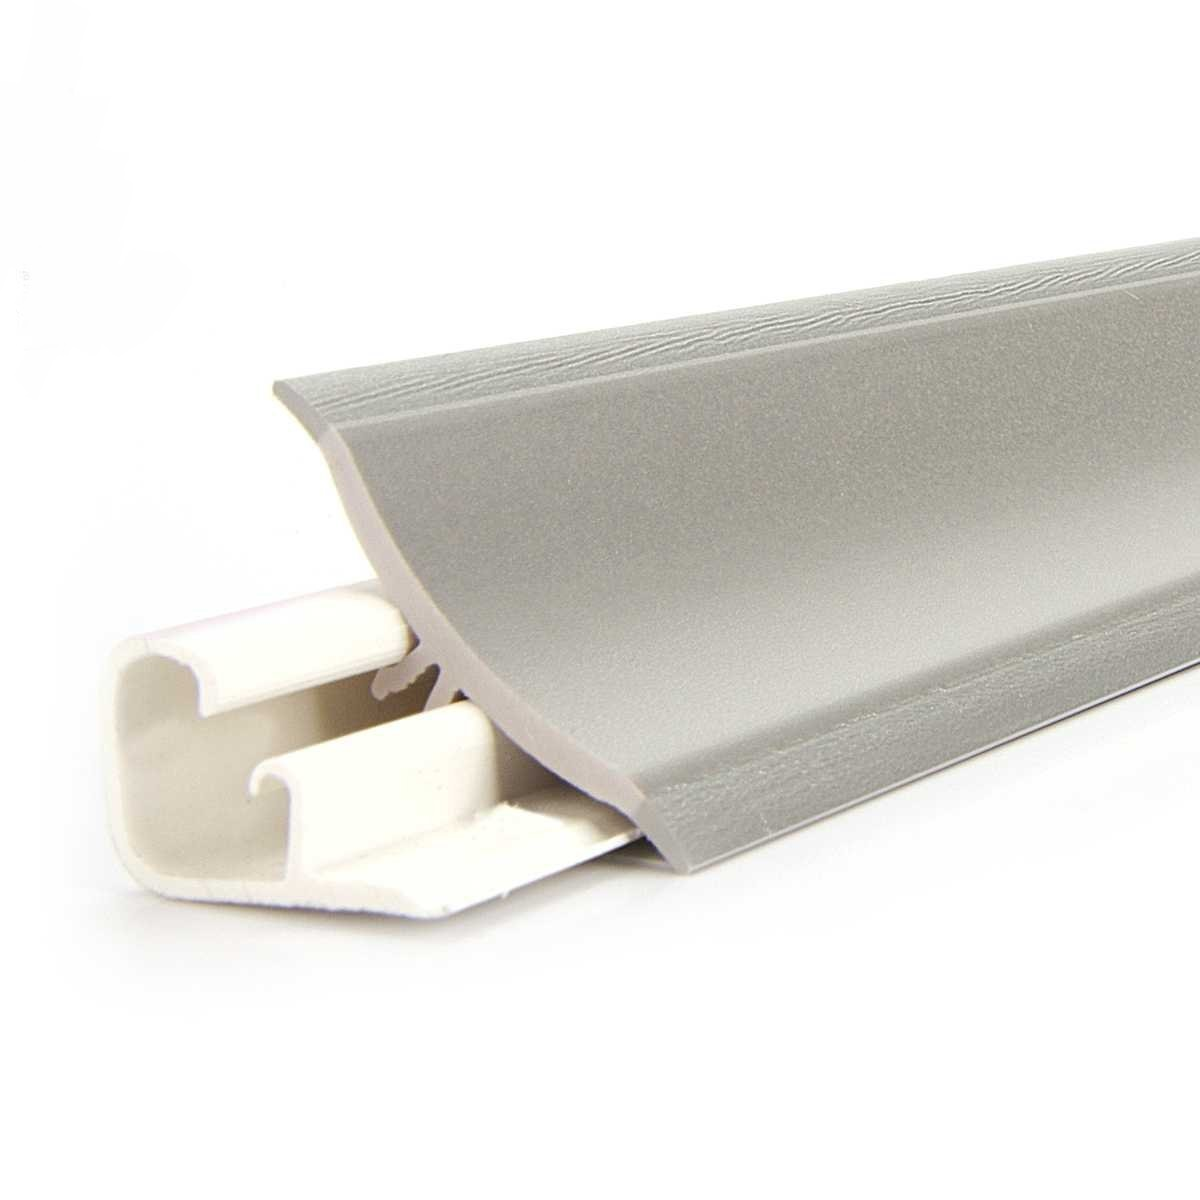 Ikea Kuche Sockelleiste Ecke Glasruckwande Kuche 210 Cm Mit Geraten